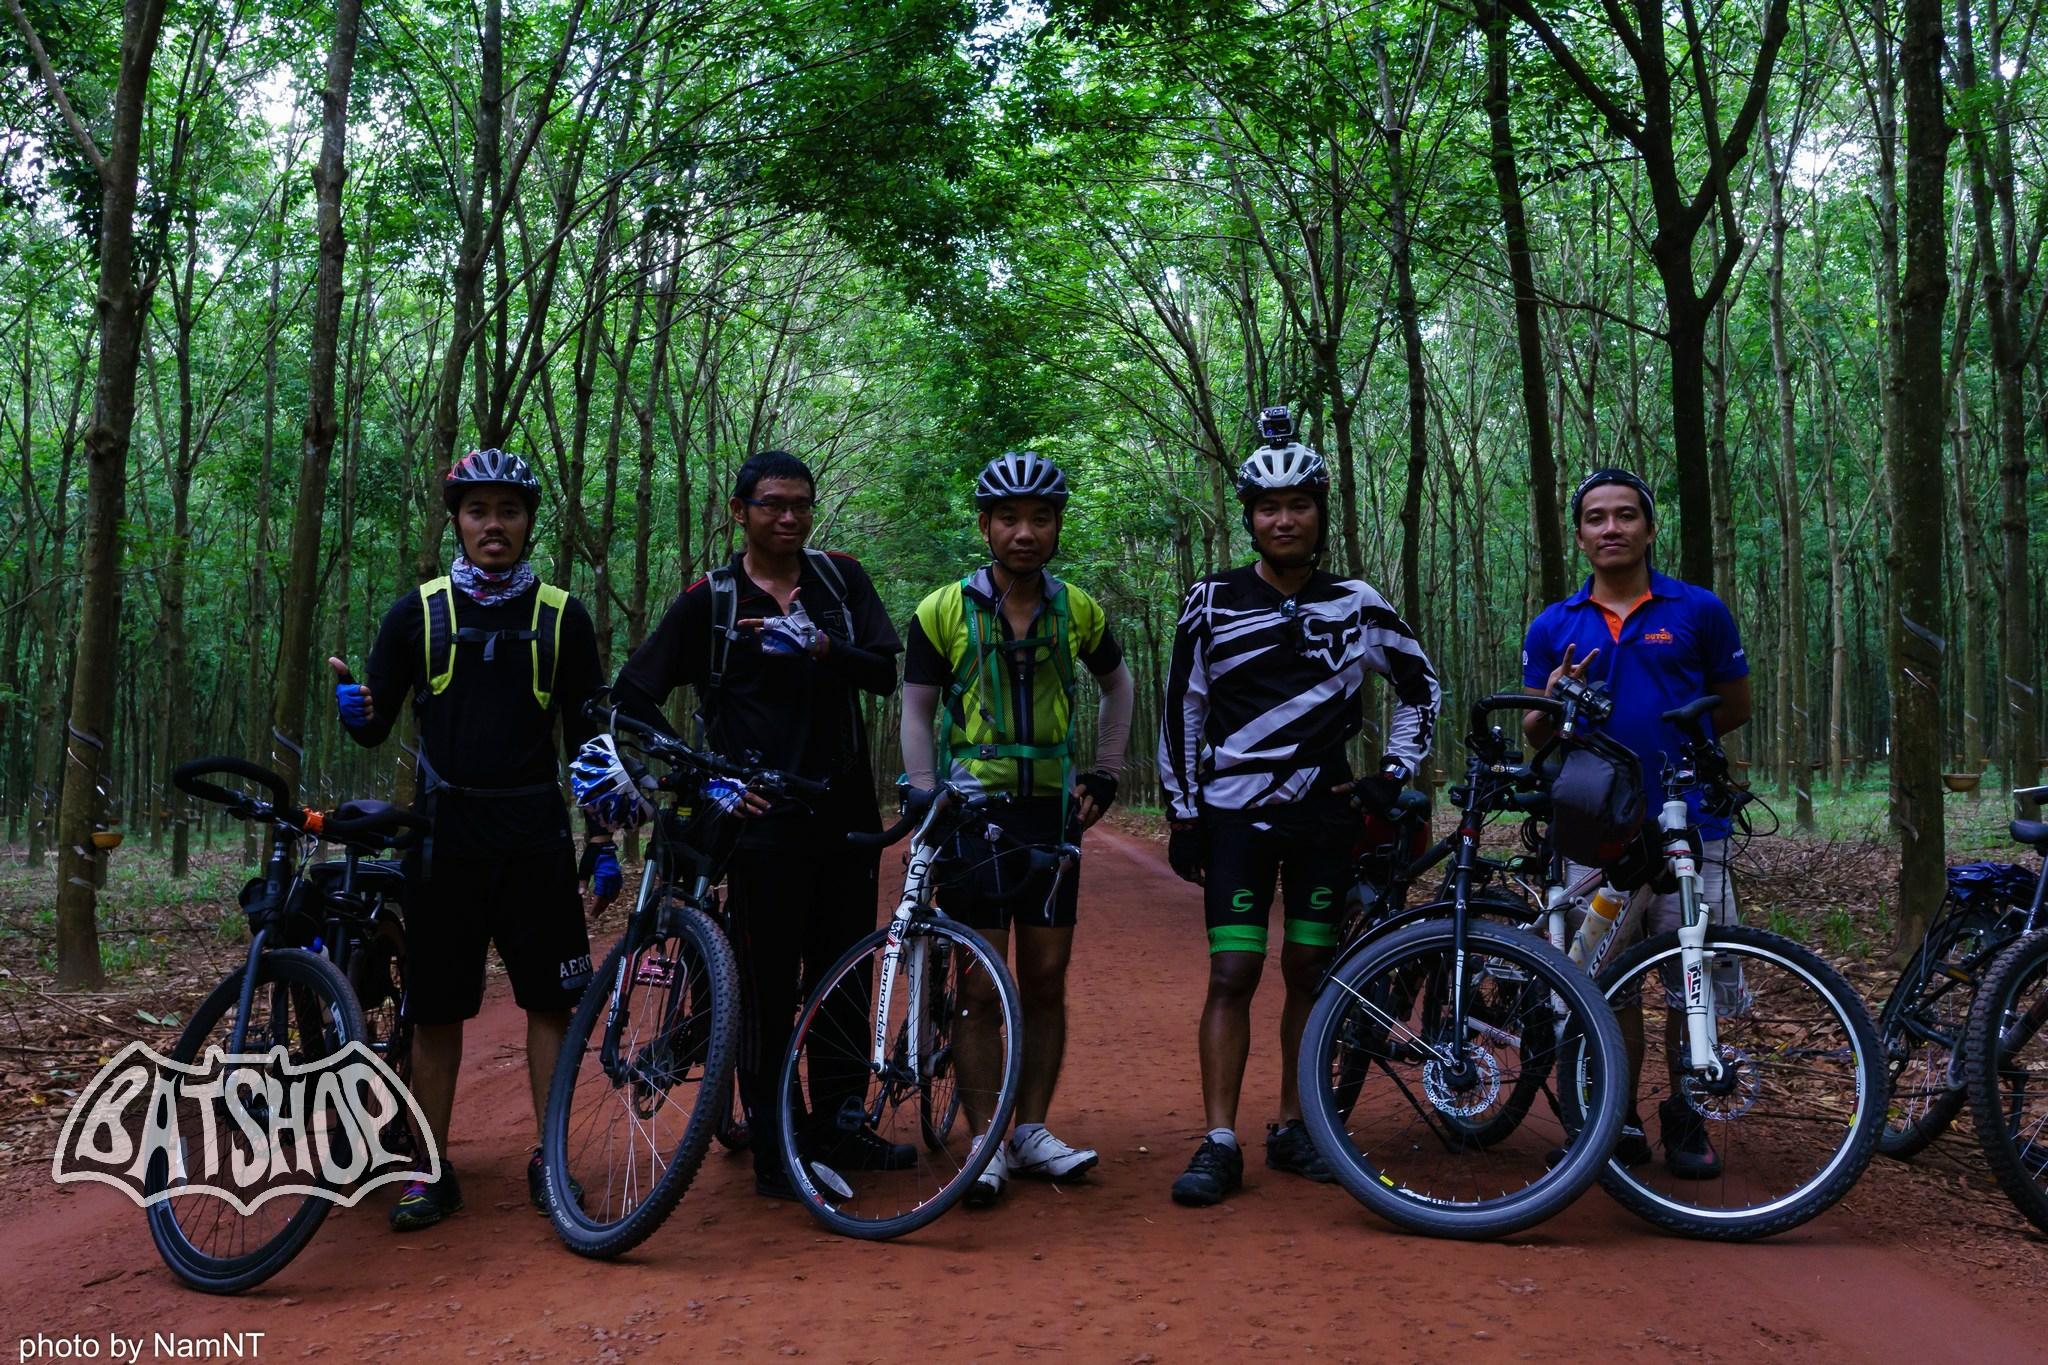 20653842561 4ba4258877 k - Hồ Cần Nôm-Dầu Tiếng chuyến đạp xe, băng rừng, leo núi, tắm hồ, mần gà